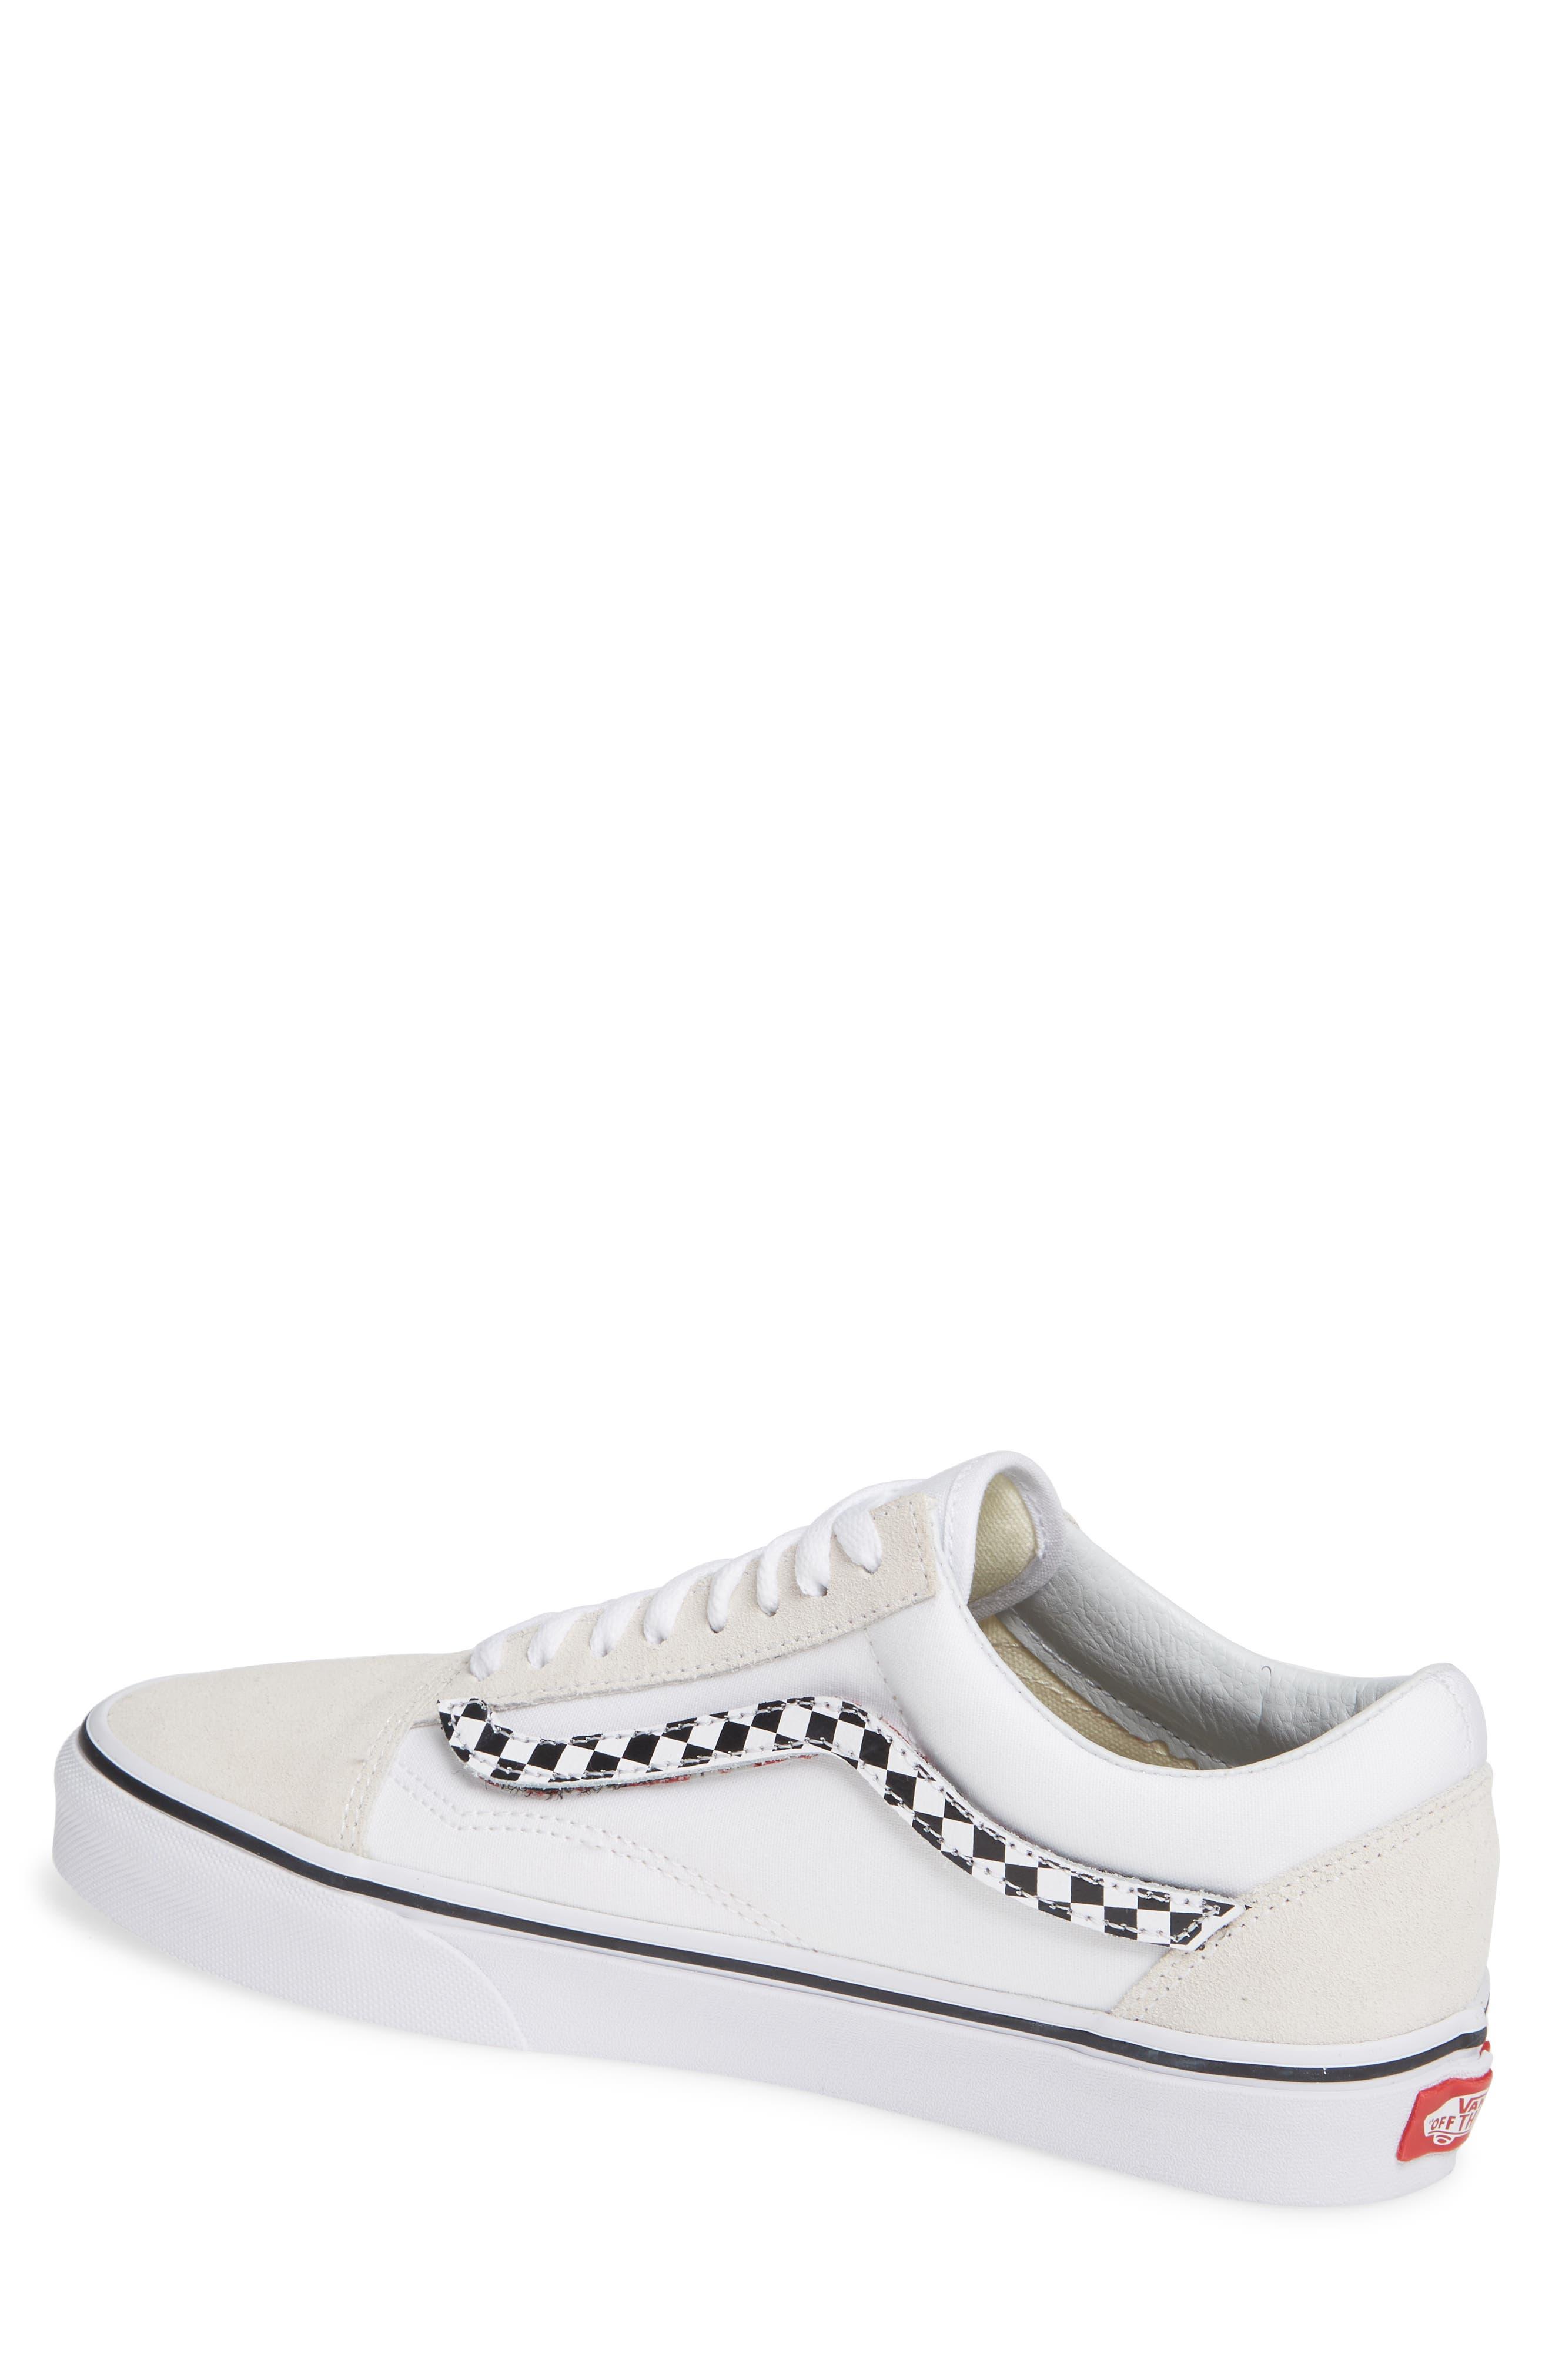 VANS,                             Old Skool Sneaker,                             Alternate thumbnail 2, color,                             TRUE WHITE/ TRUE WHITE